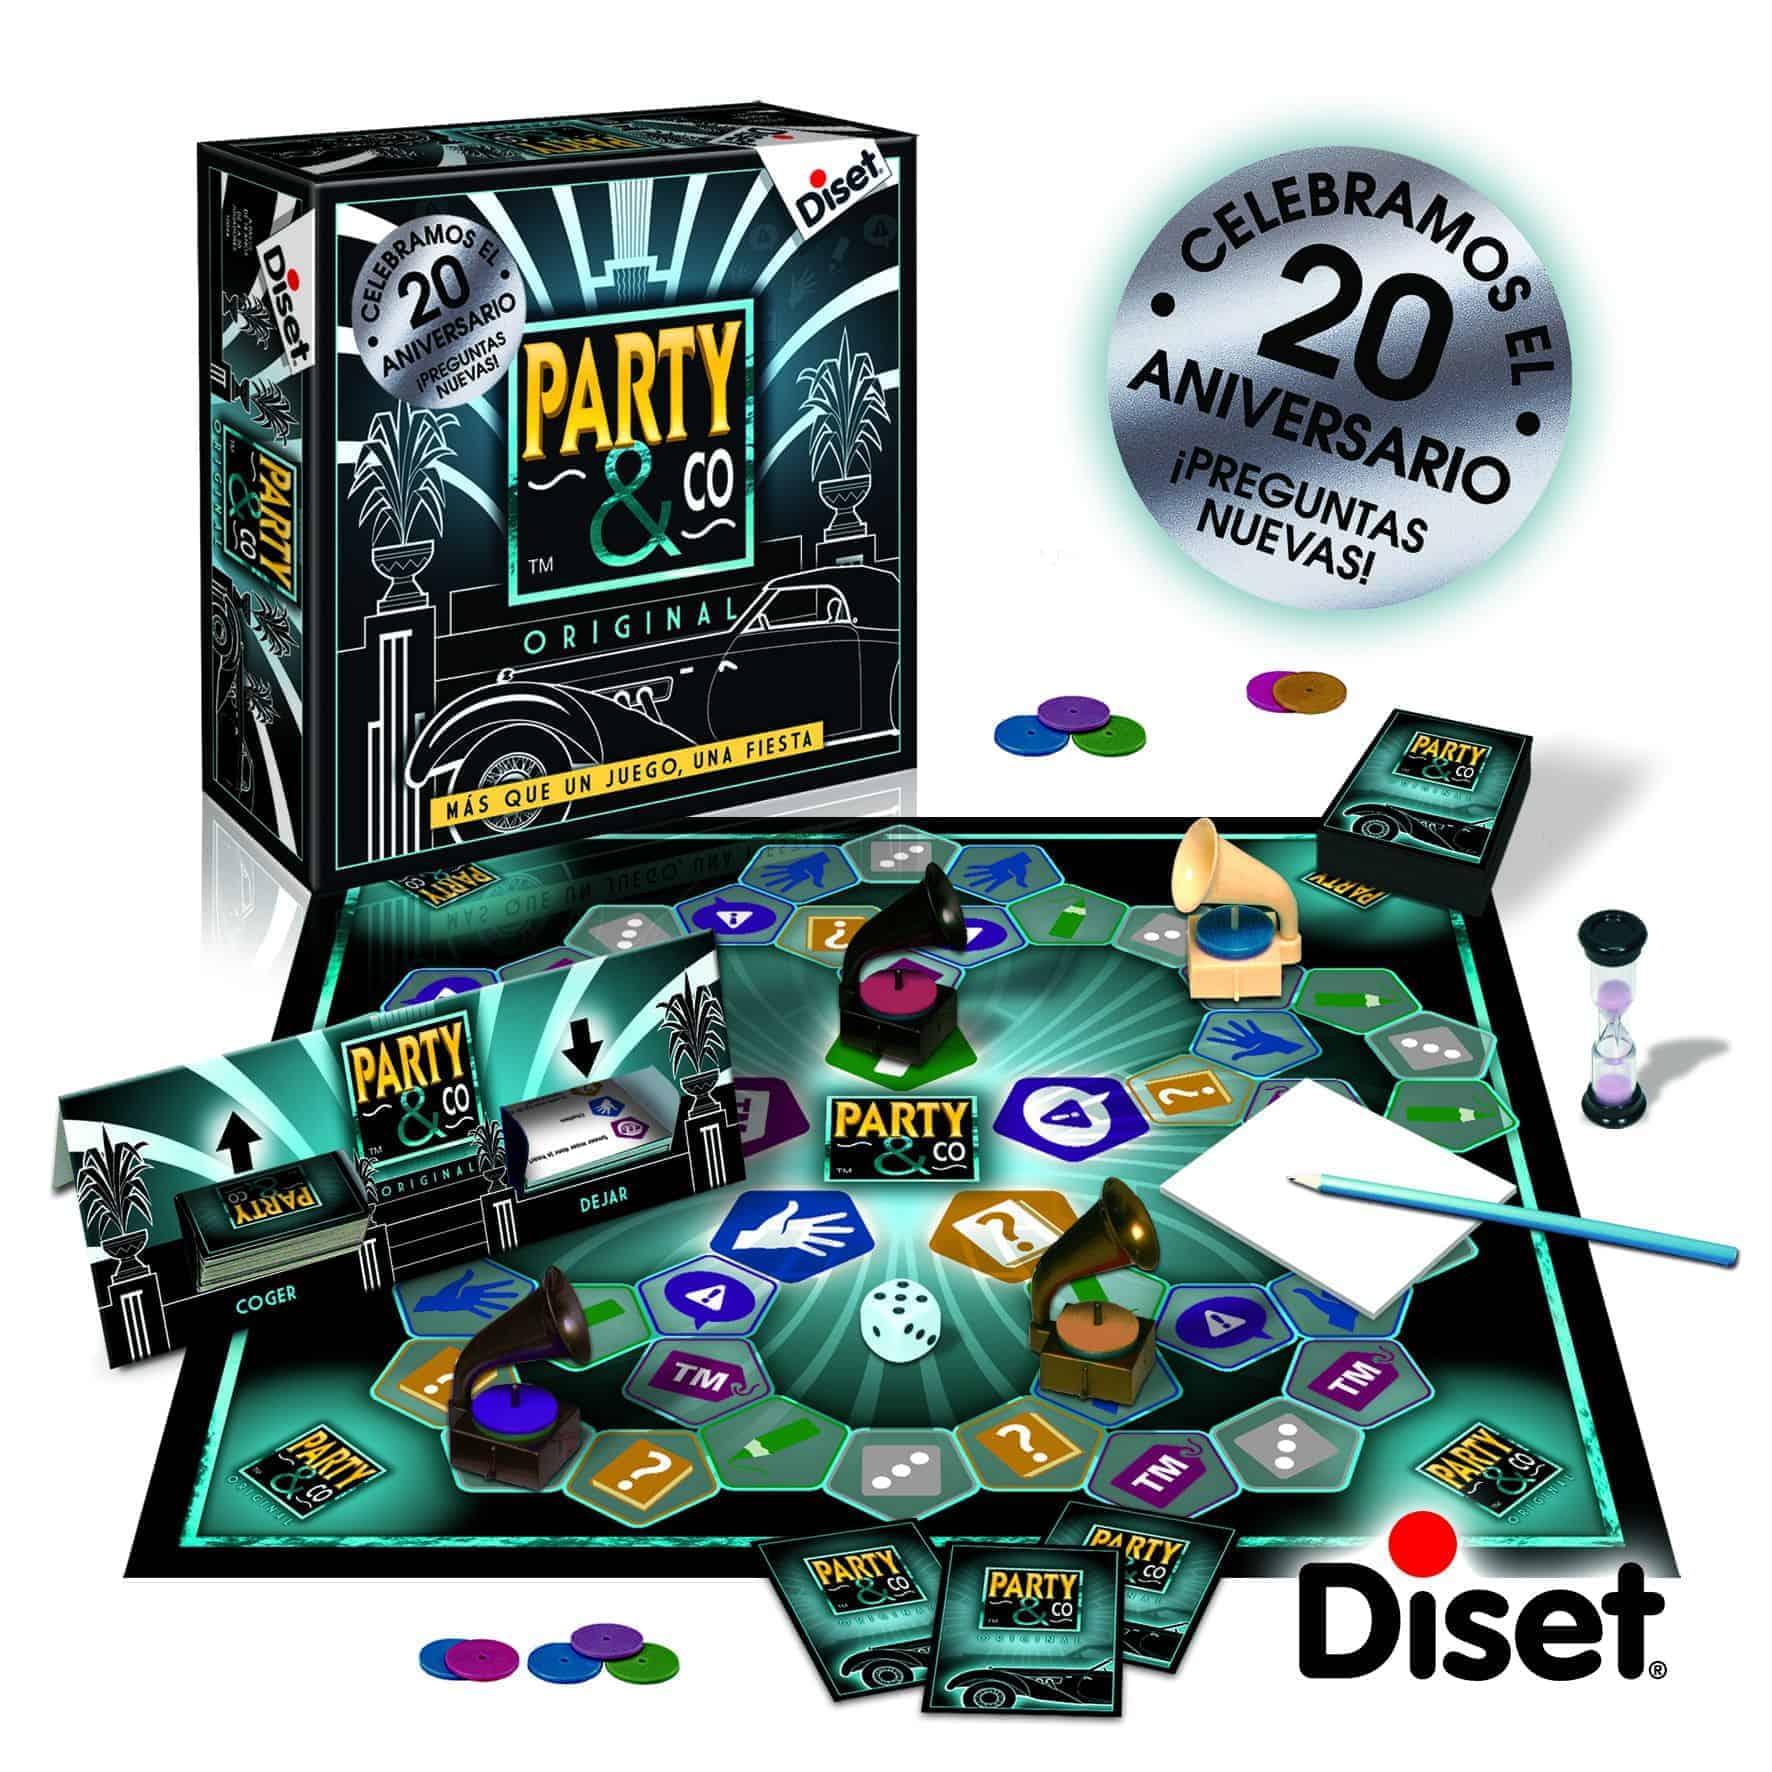 party & co juego de mesa